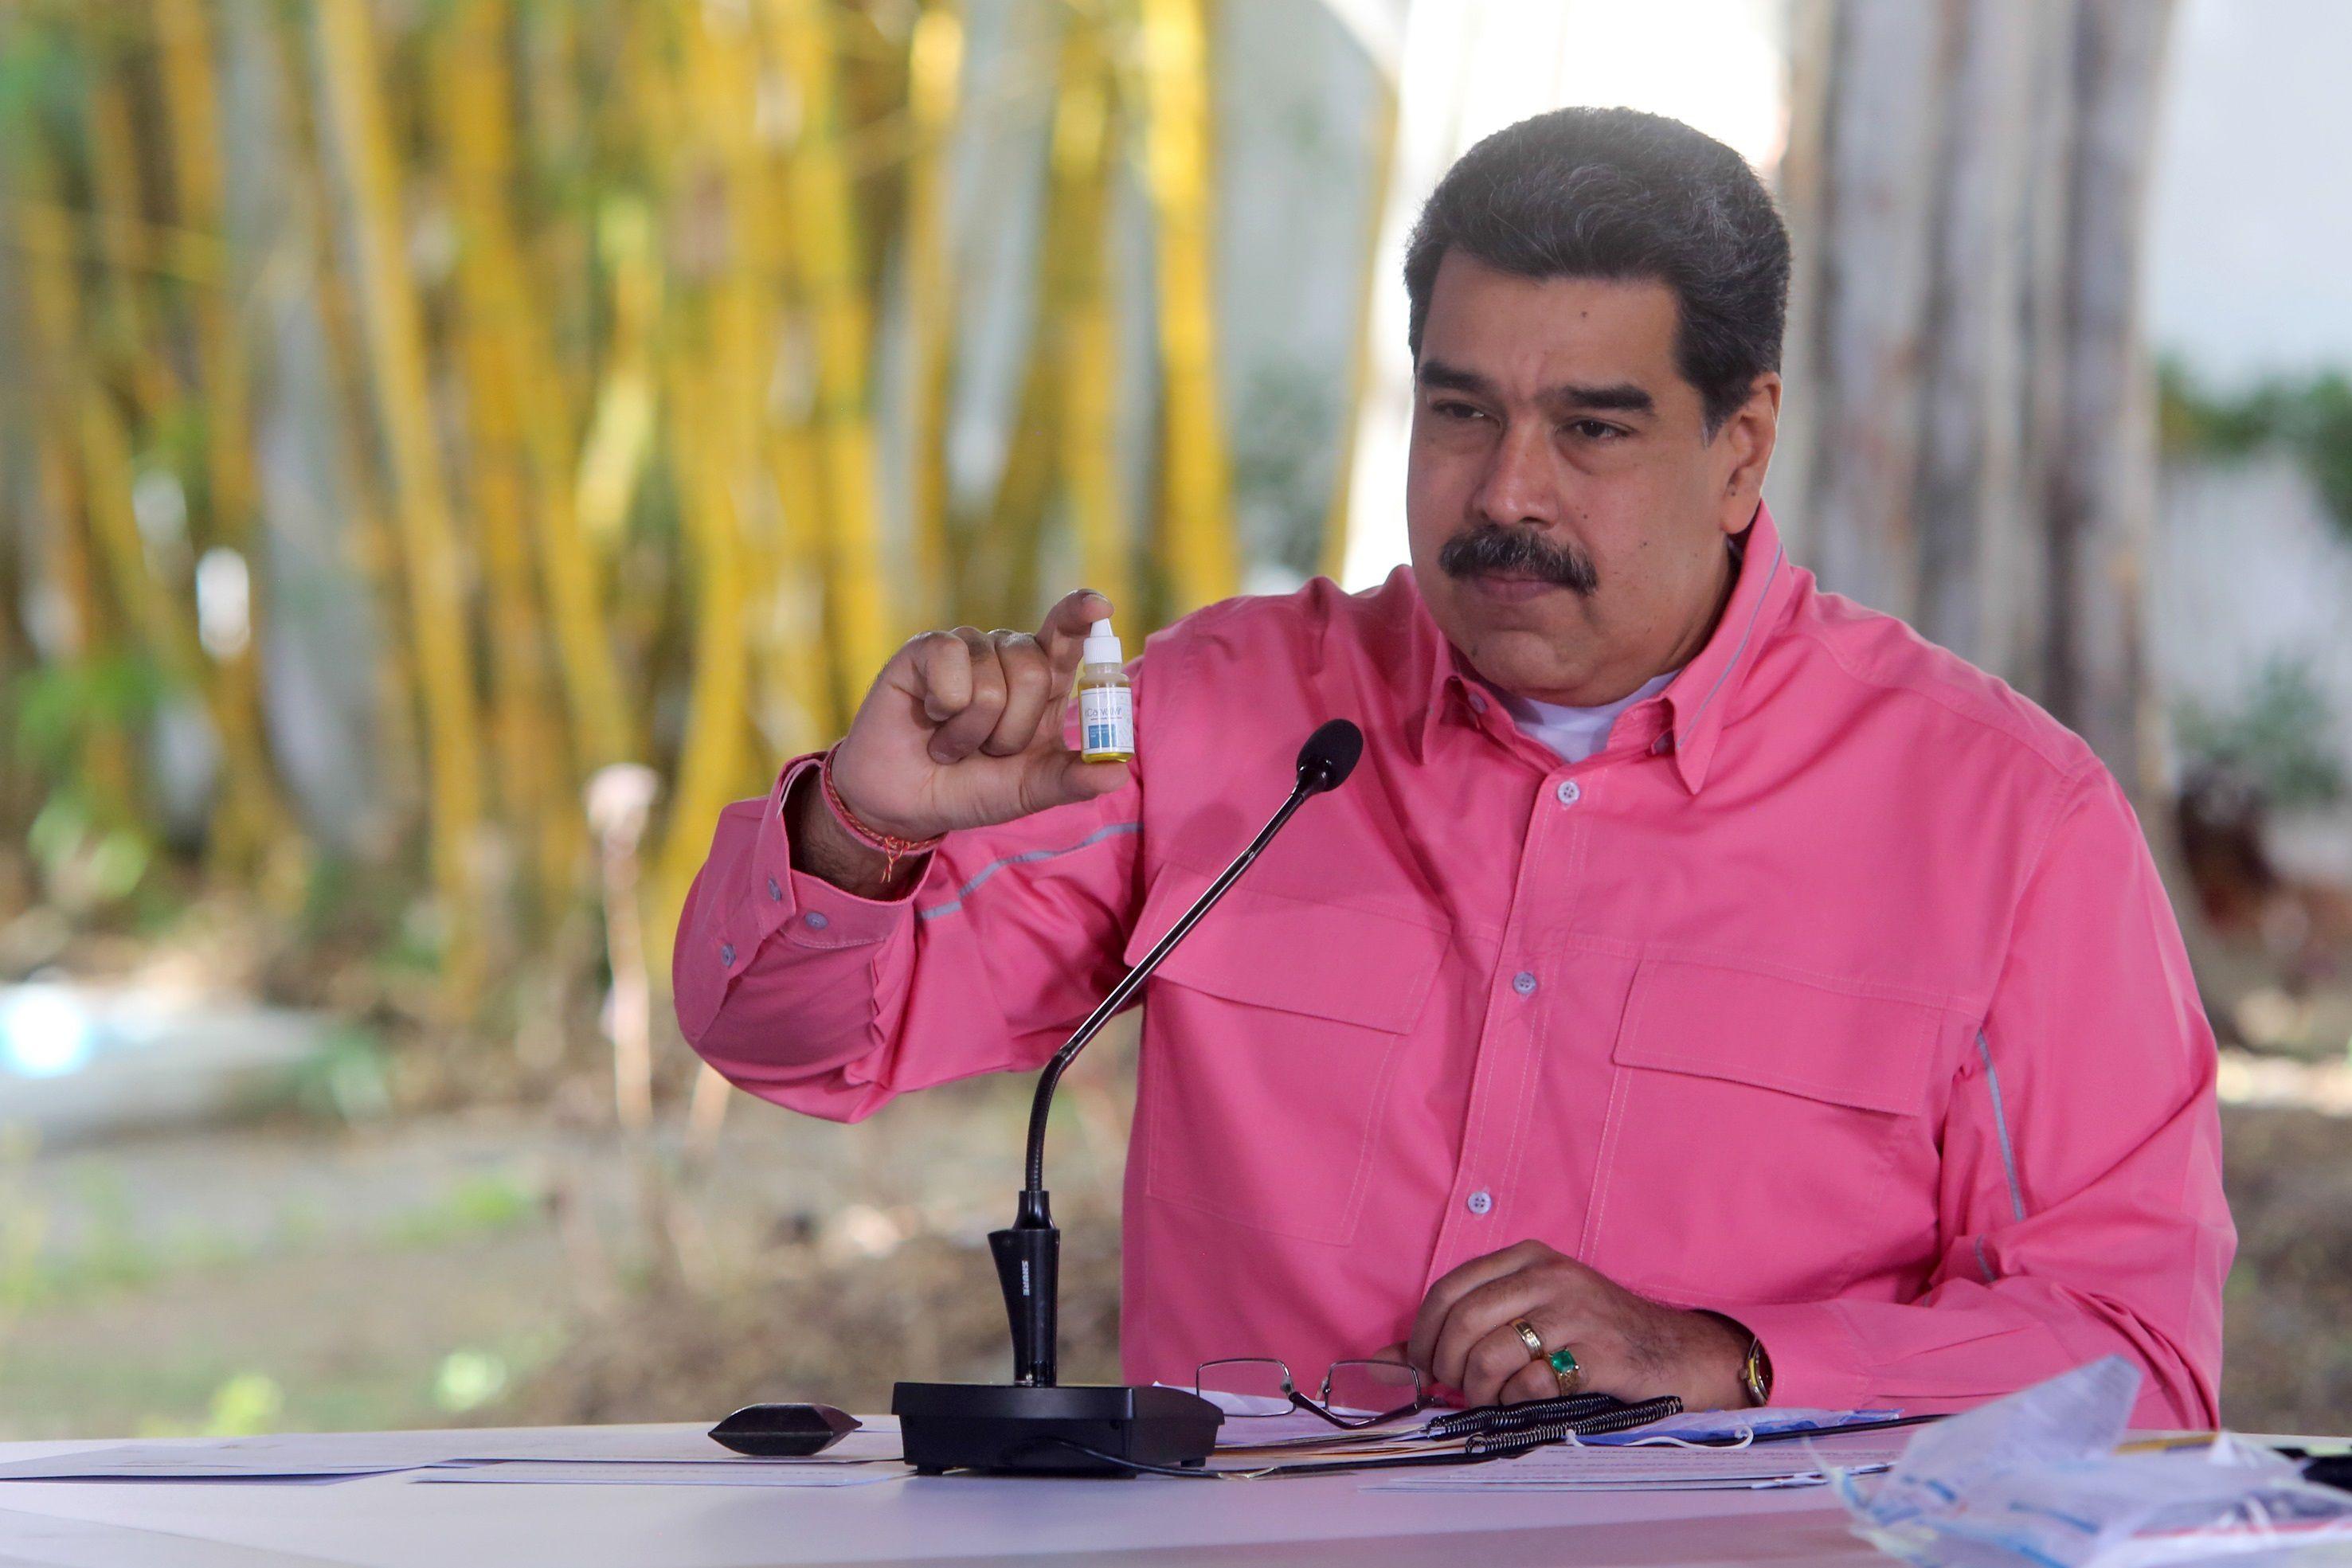 Fotografía cedida por prensa Miraflores que muestra al presidente de Venezuela Nicolás Maduro, mientras sostiene un envase del fármaco Carvativir durante una alocución hoy en Caracas (Venezuela) EFE/Prensa Miraflores